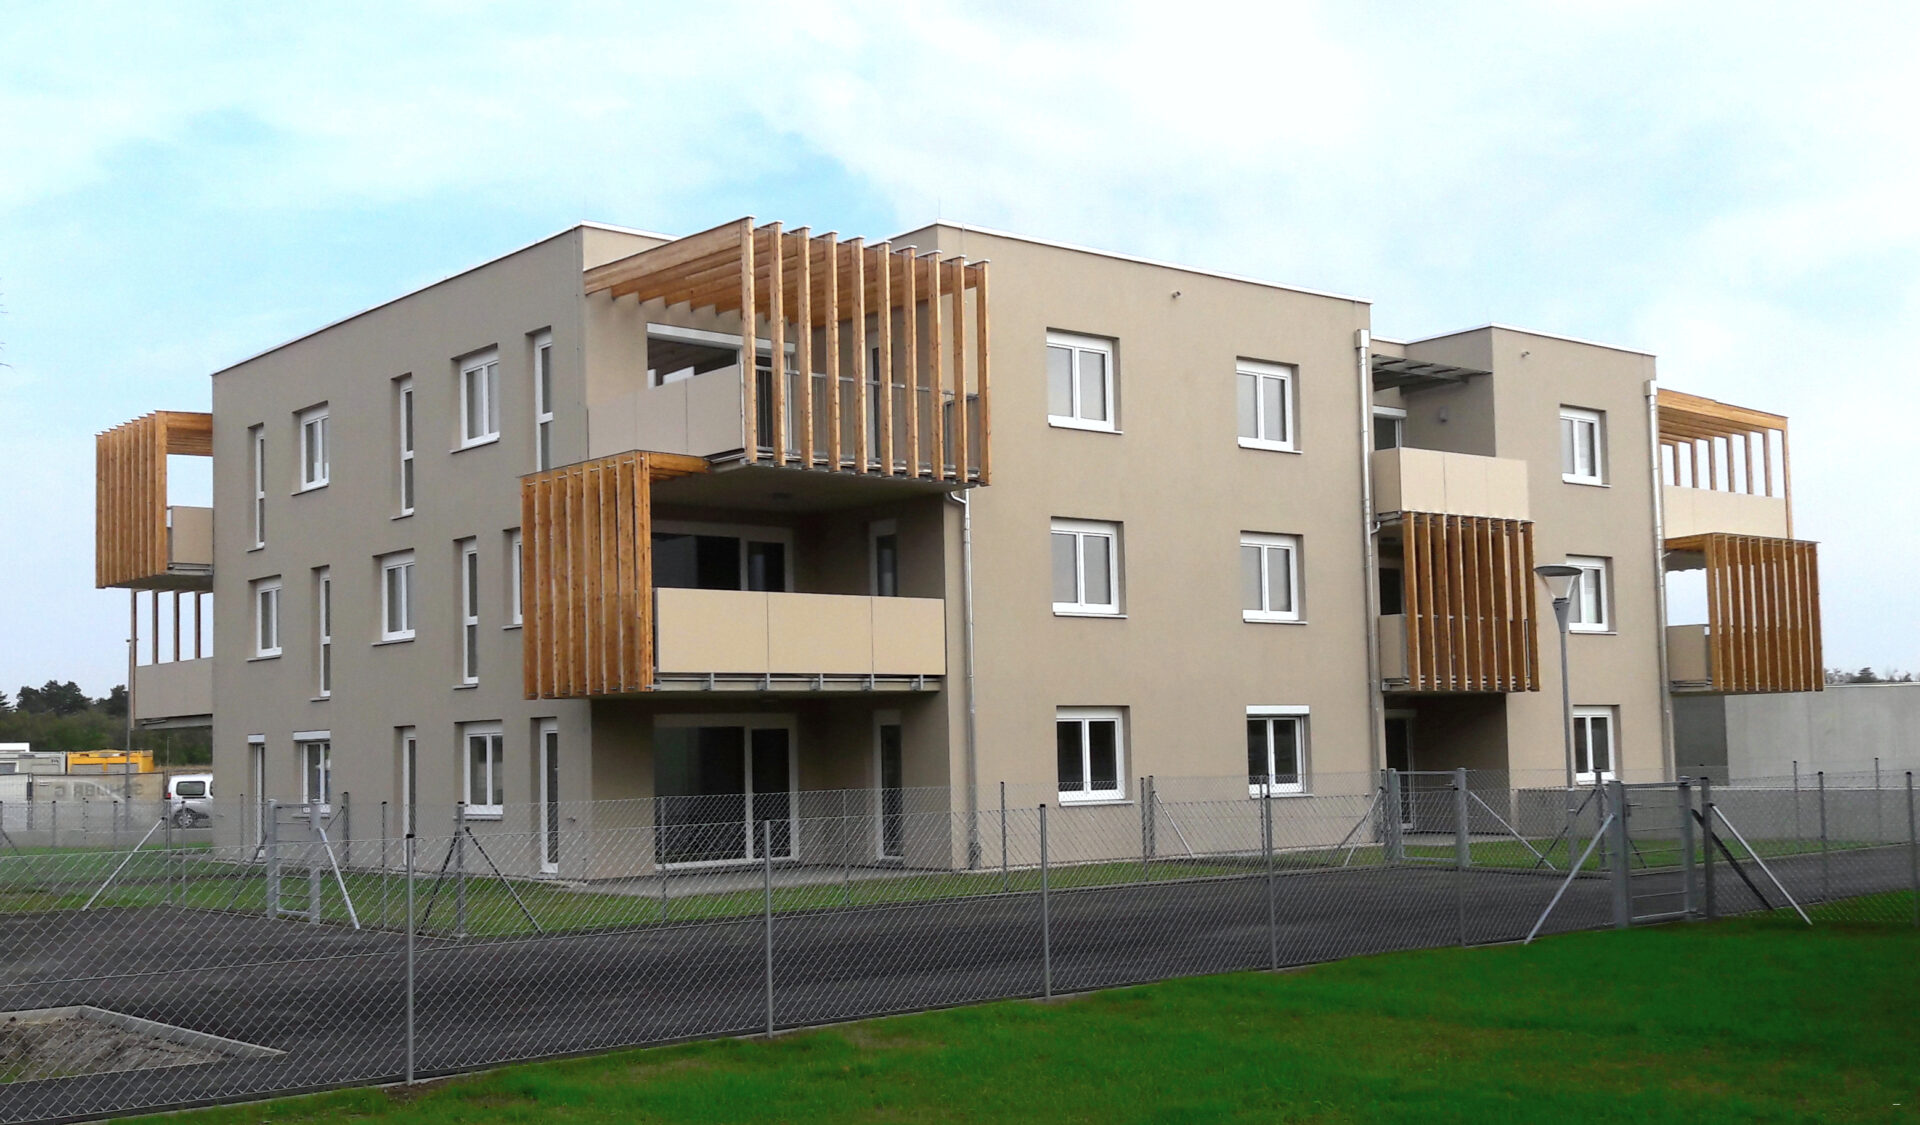 wohnhausanlage_strasshof ll_bauunternehmen_schubrig_krems